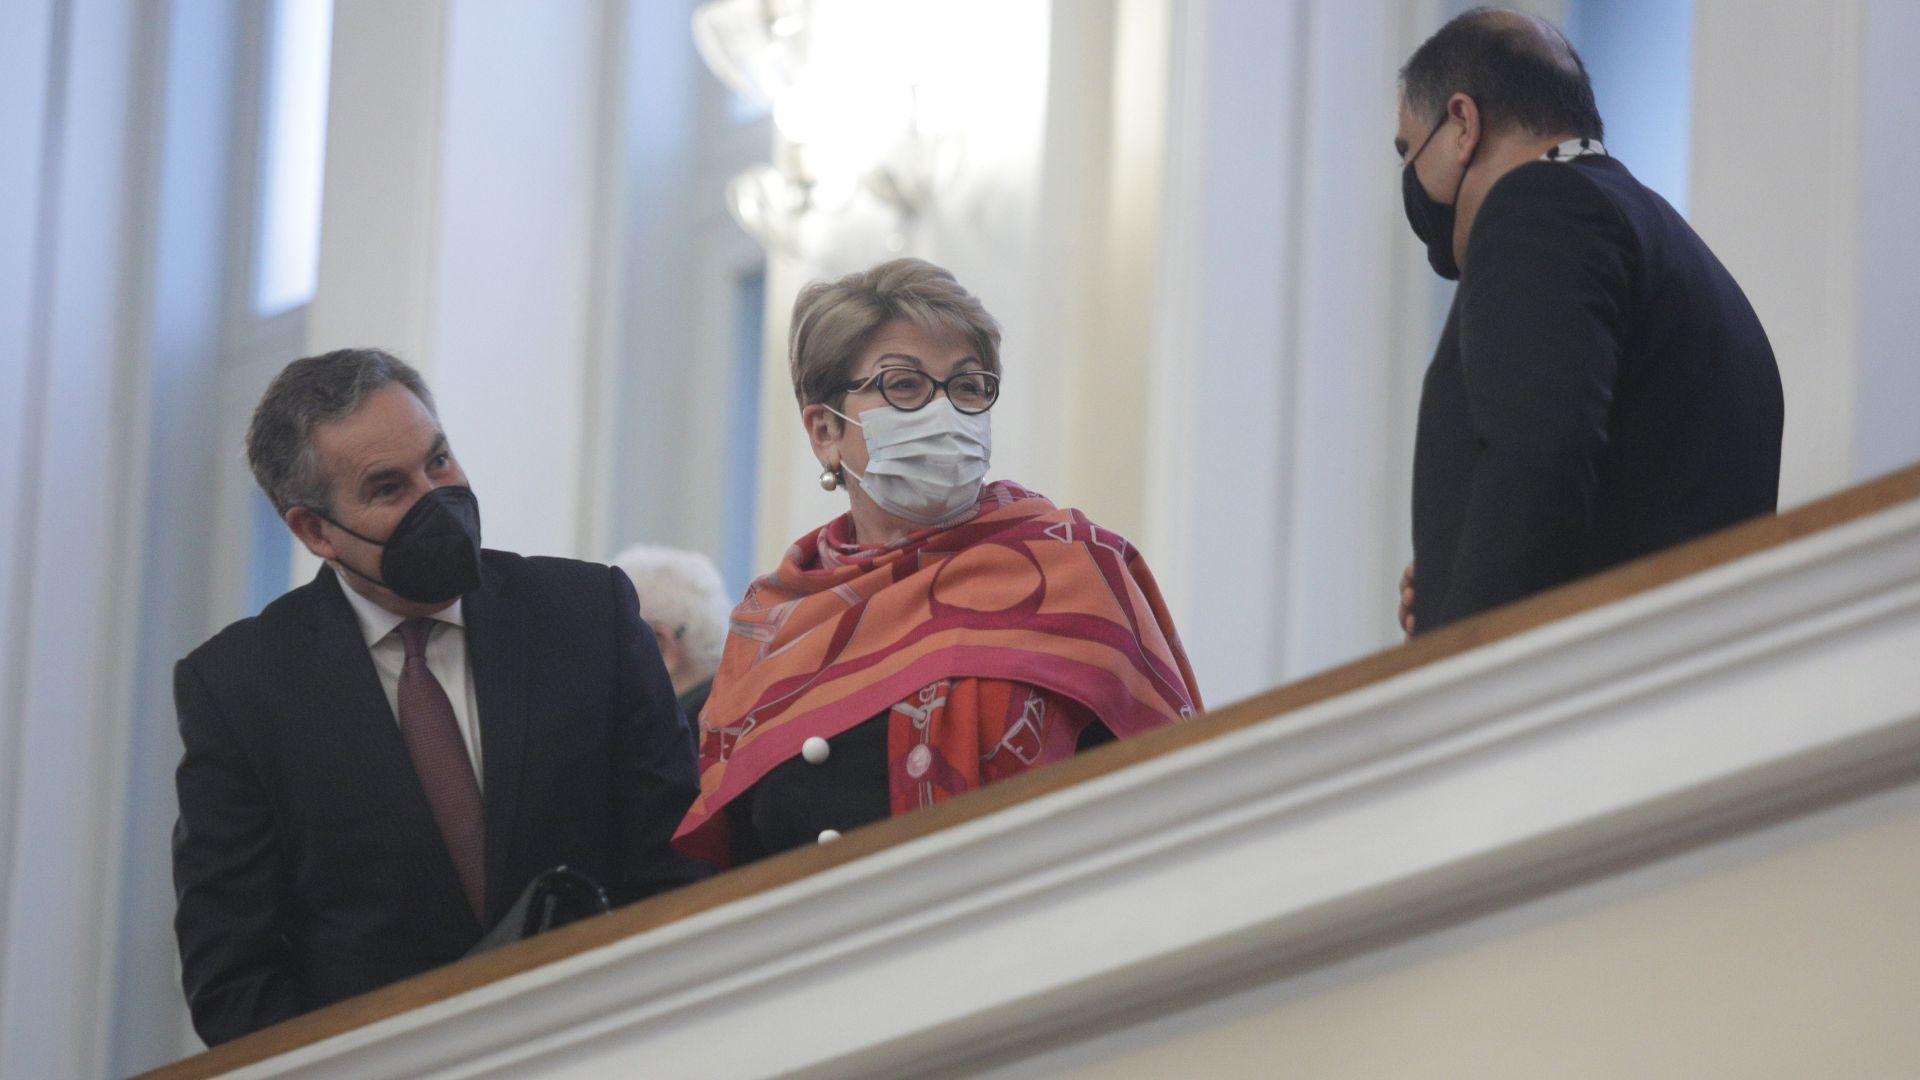 Посланик Митрофанова за българо-руските отношения, шпионския скандал, Навални и Украйна